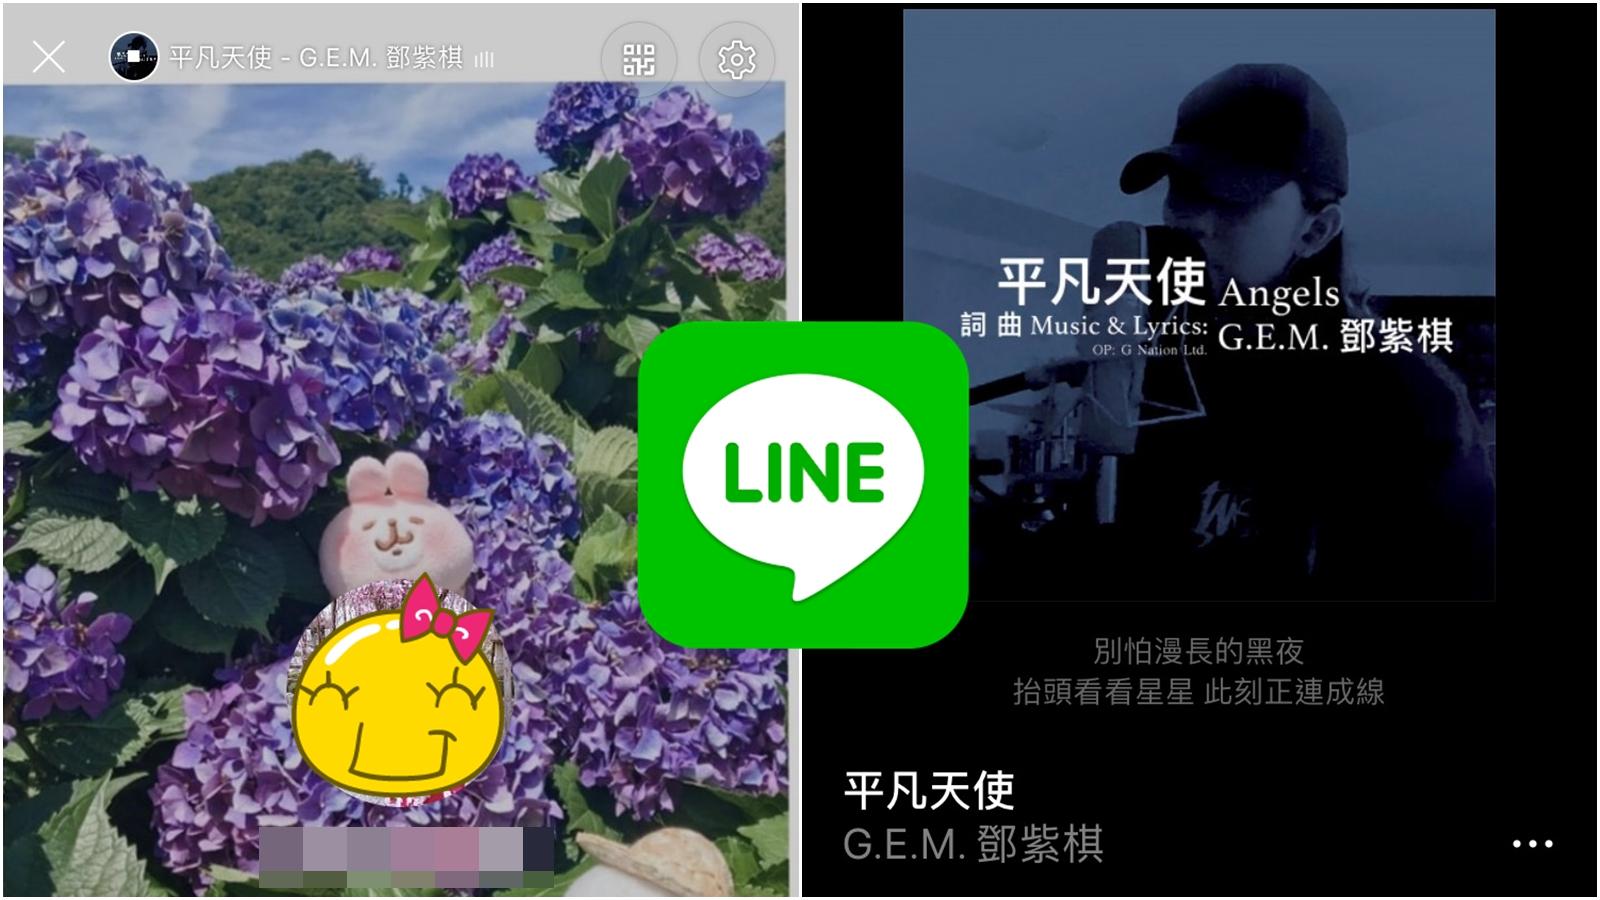 【科技新知】LINE個人檔案如何自訂喜歡的背景音樂?